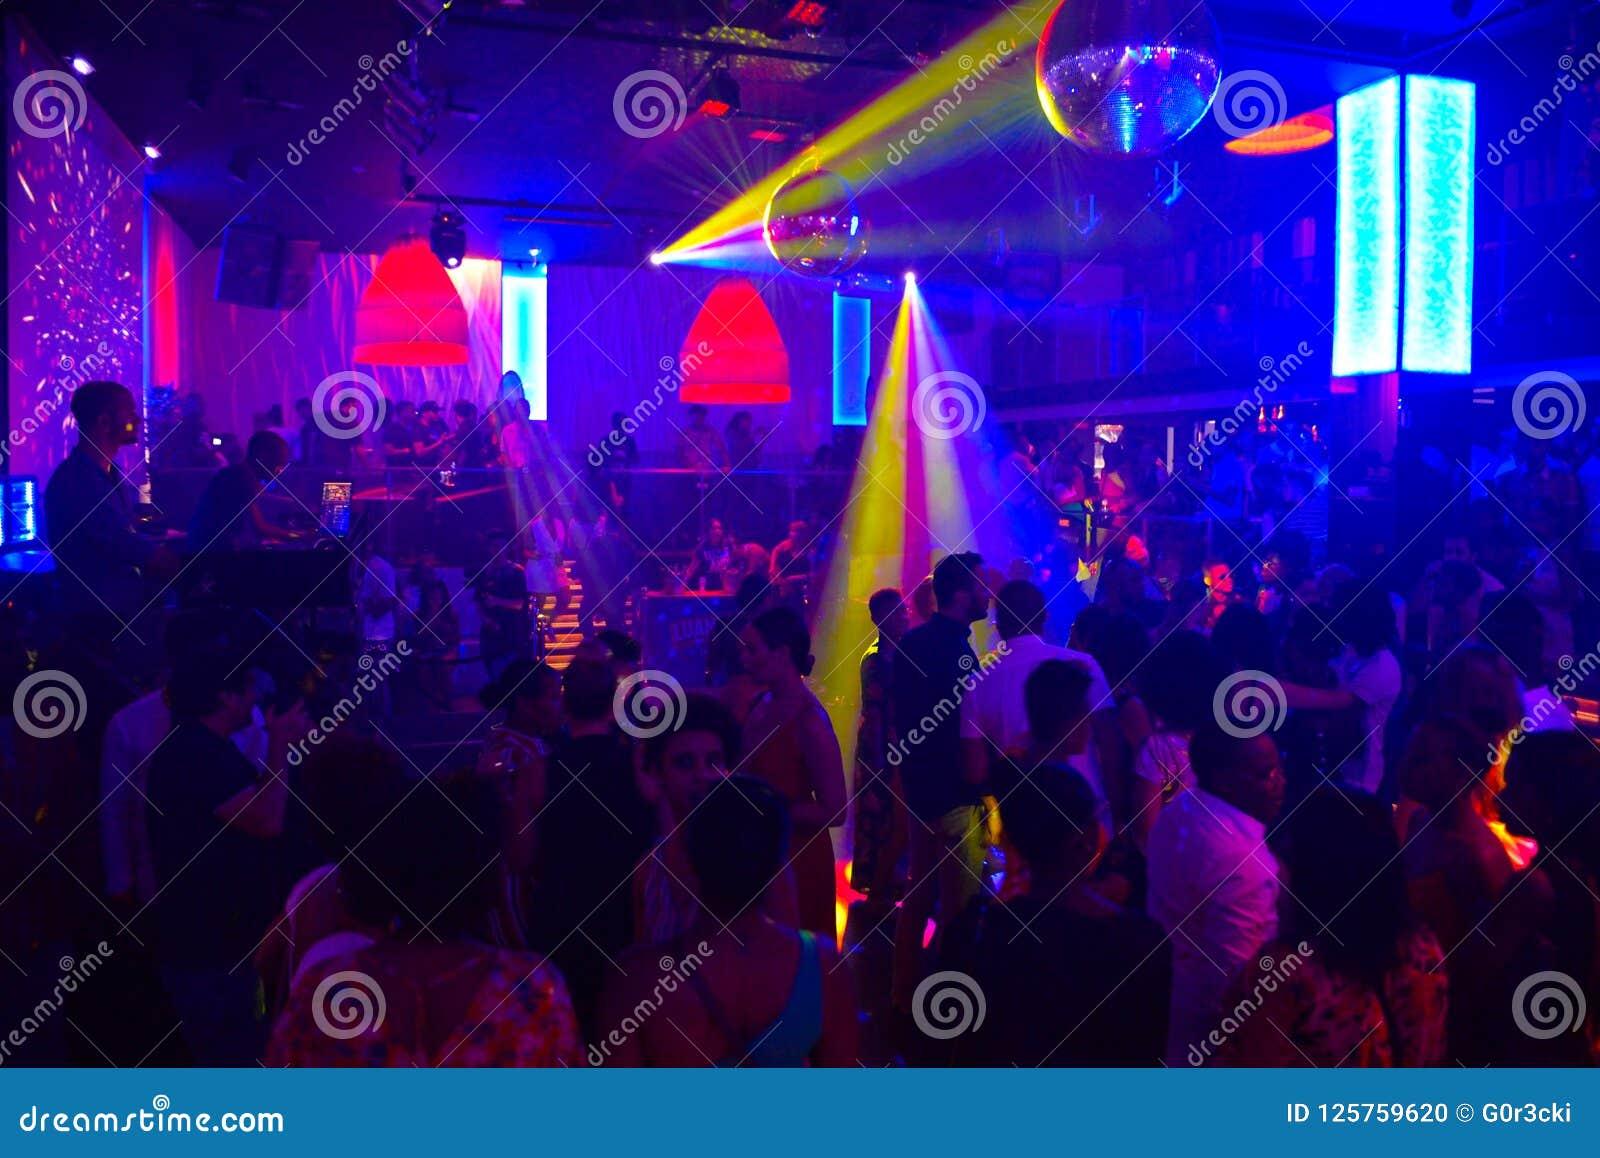 Музыка в ночном клубе стриптиз клуб в анапа